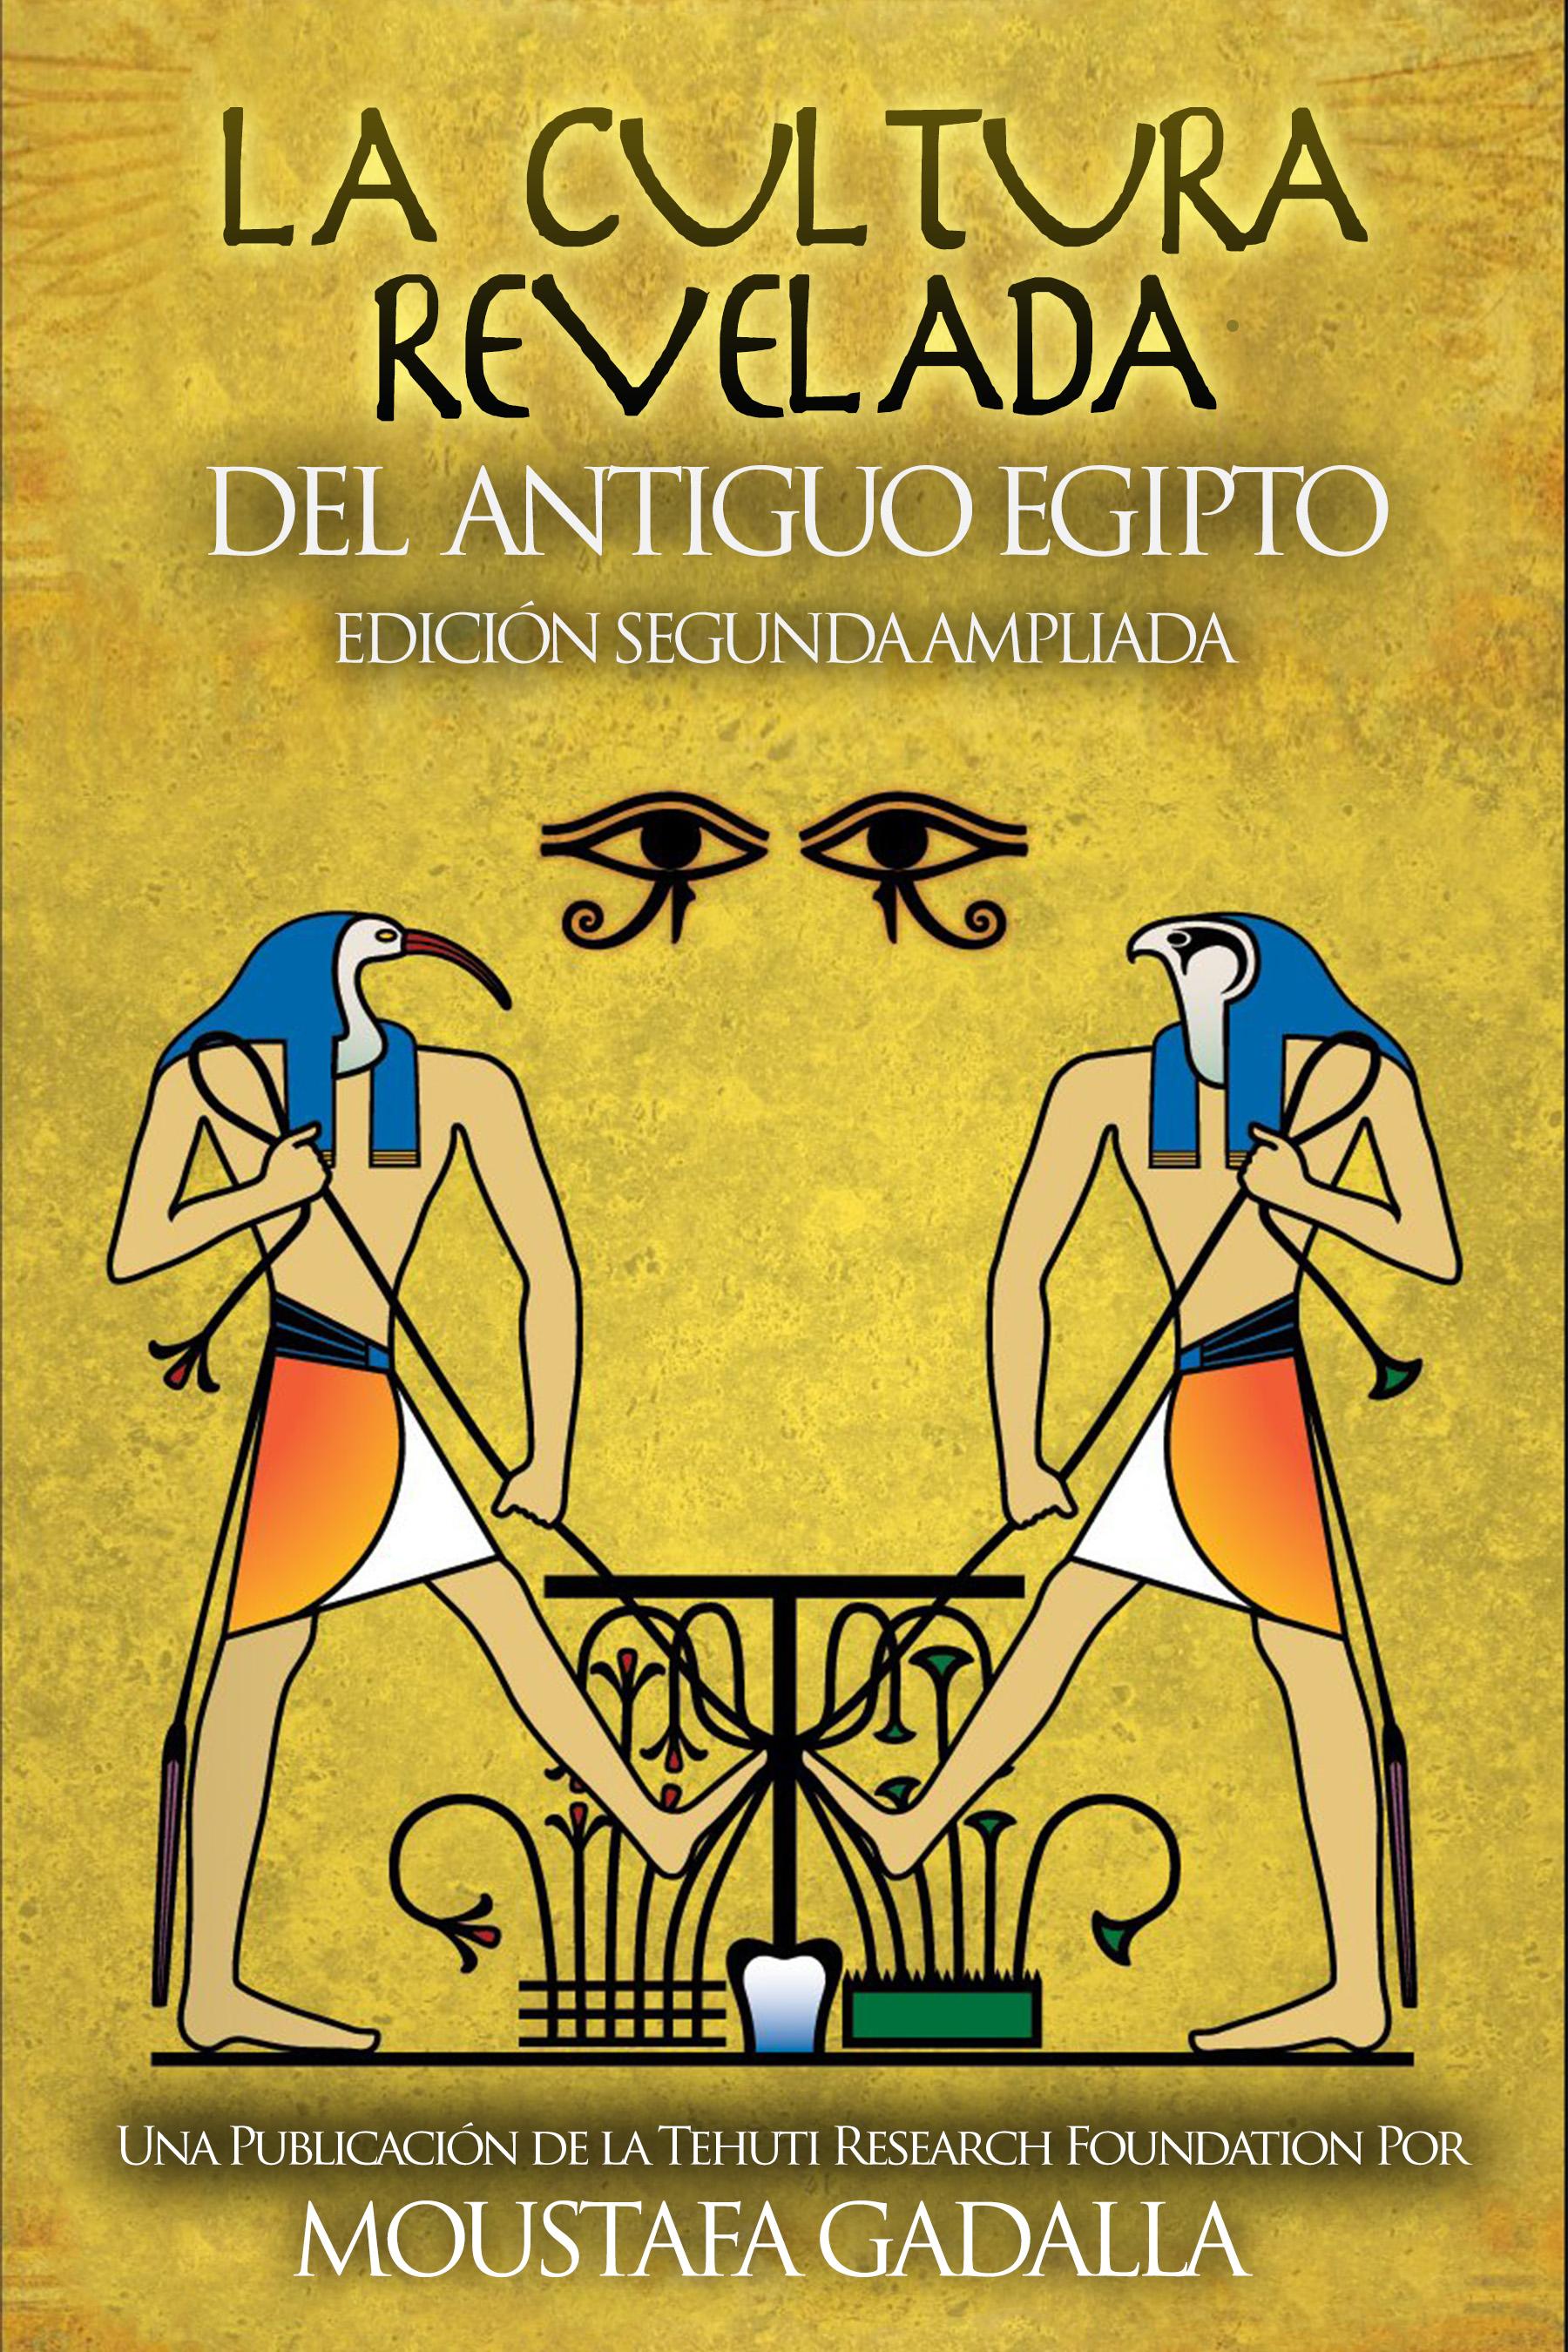 La Cultura Revelada Del Antiguo Egipto By Moustafa Gadalla